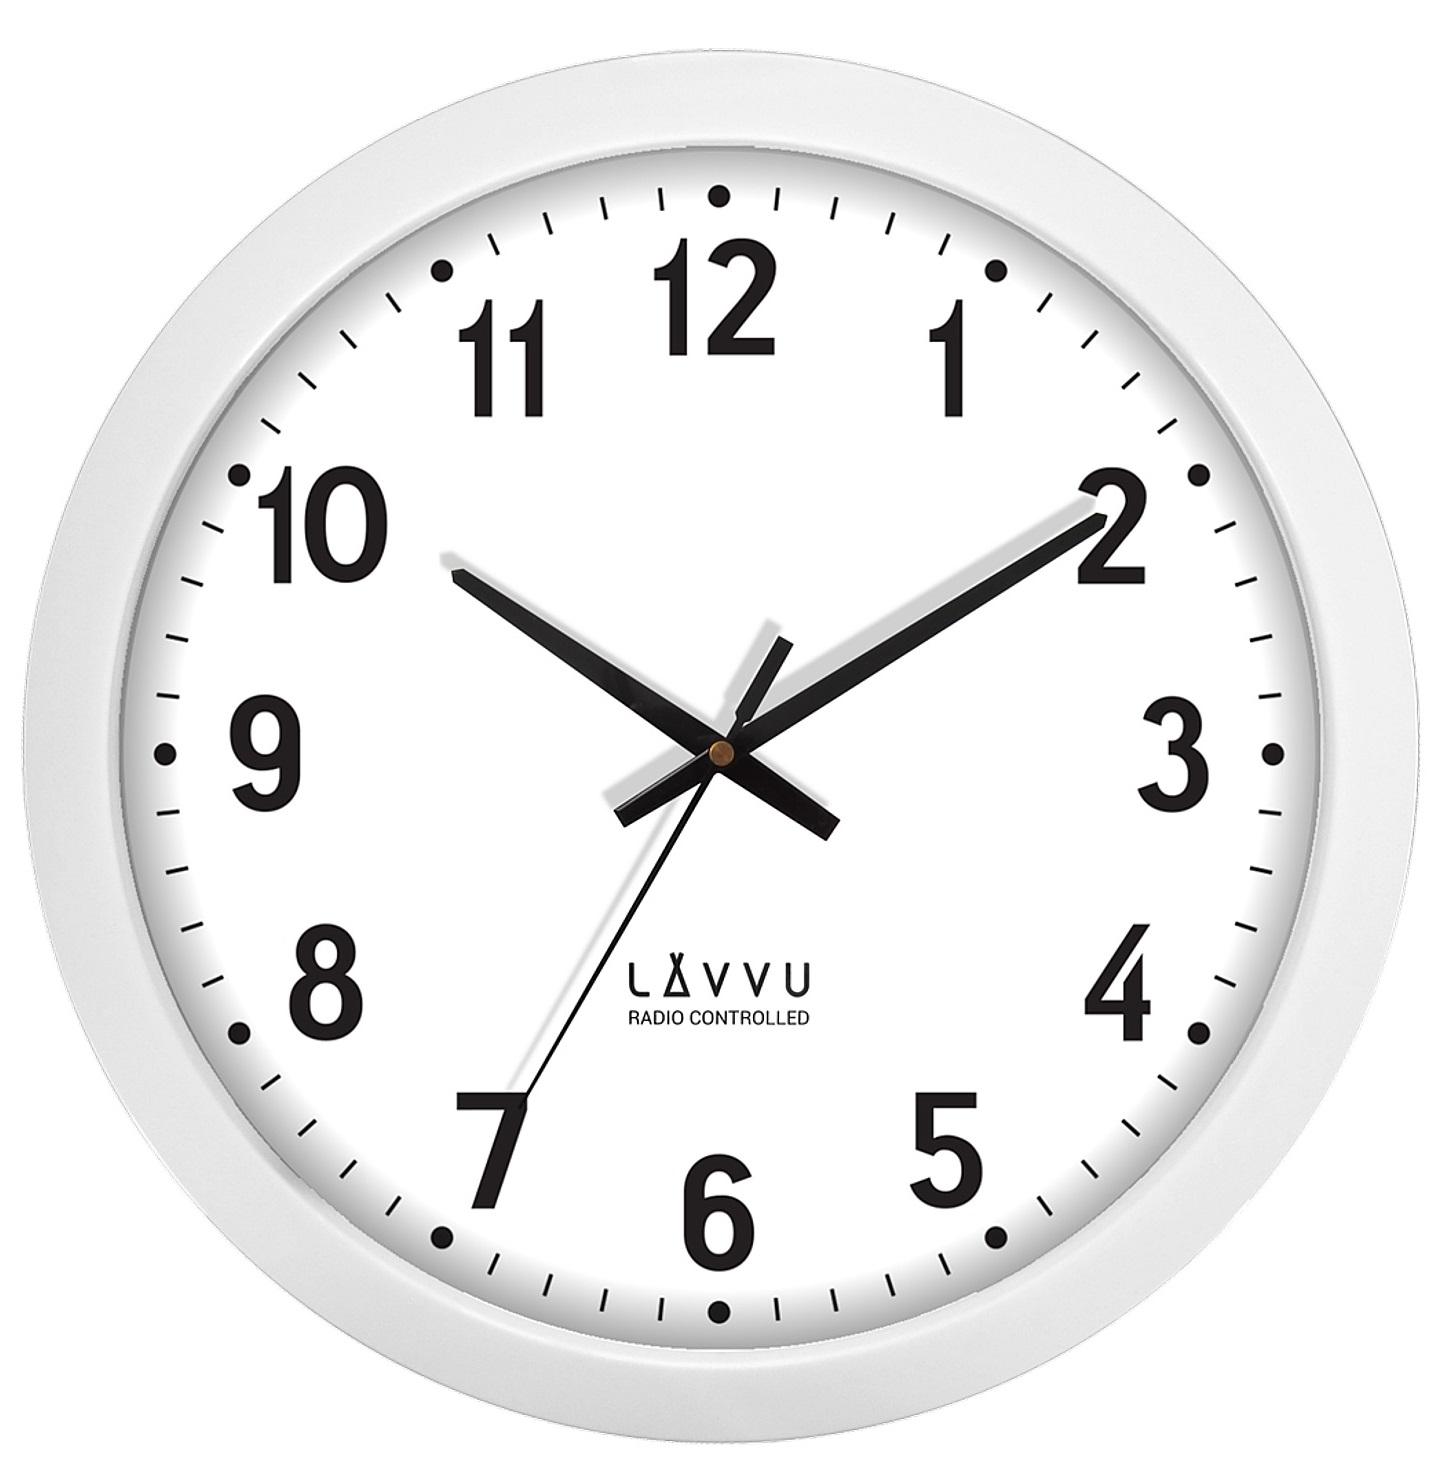 Velké bílé hodiny LAVVU řízené rádiovým signálem LCR2020 (rádiem řízené hodiny)